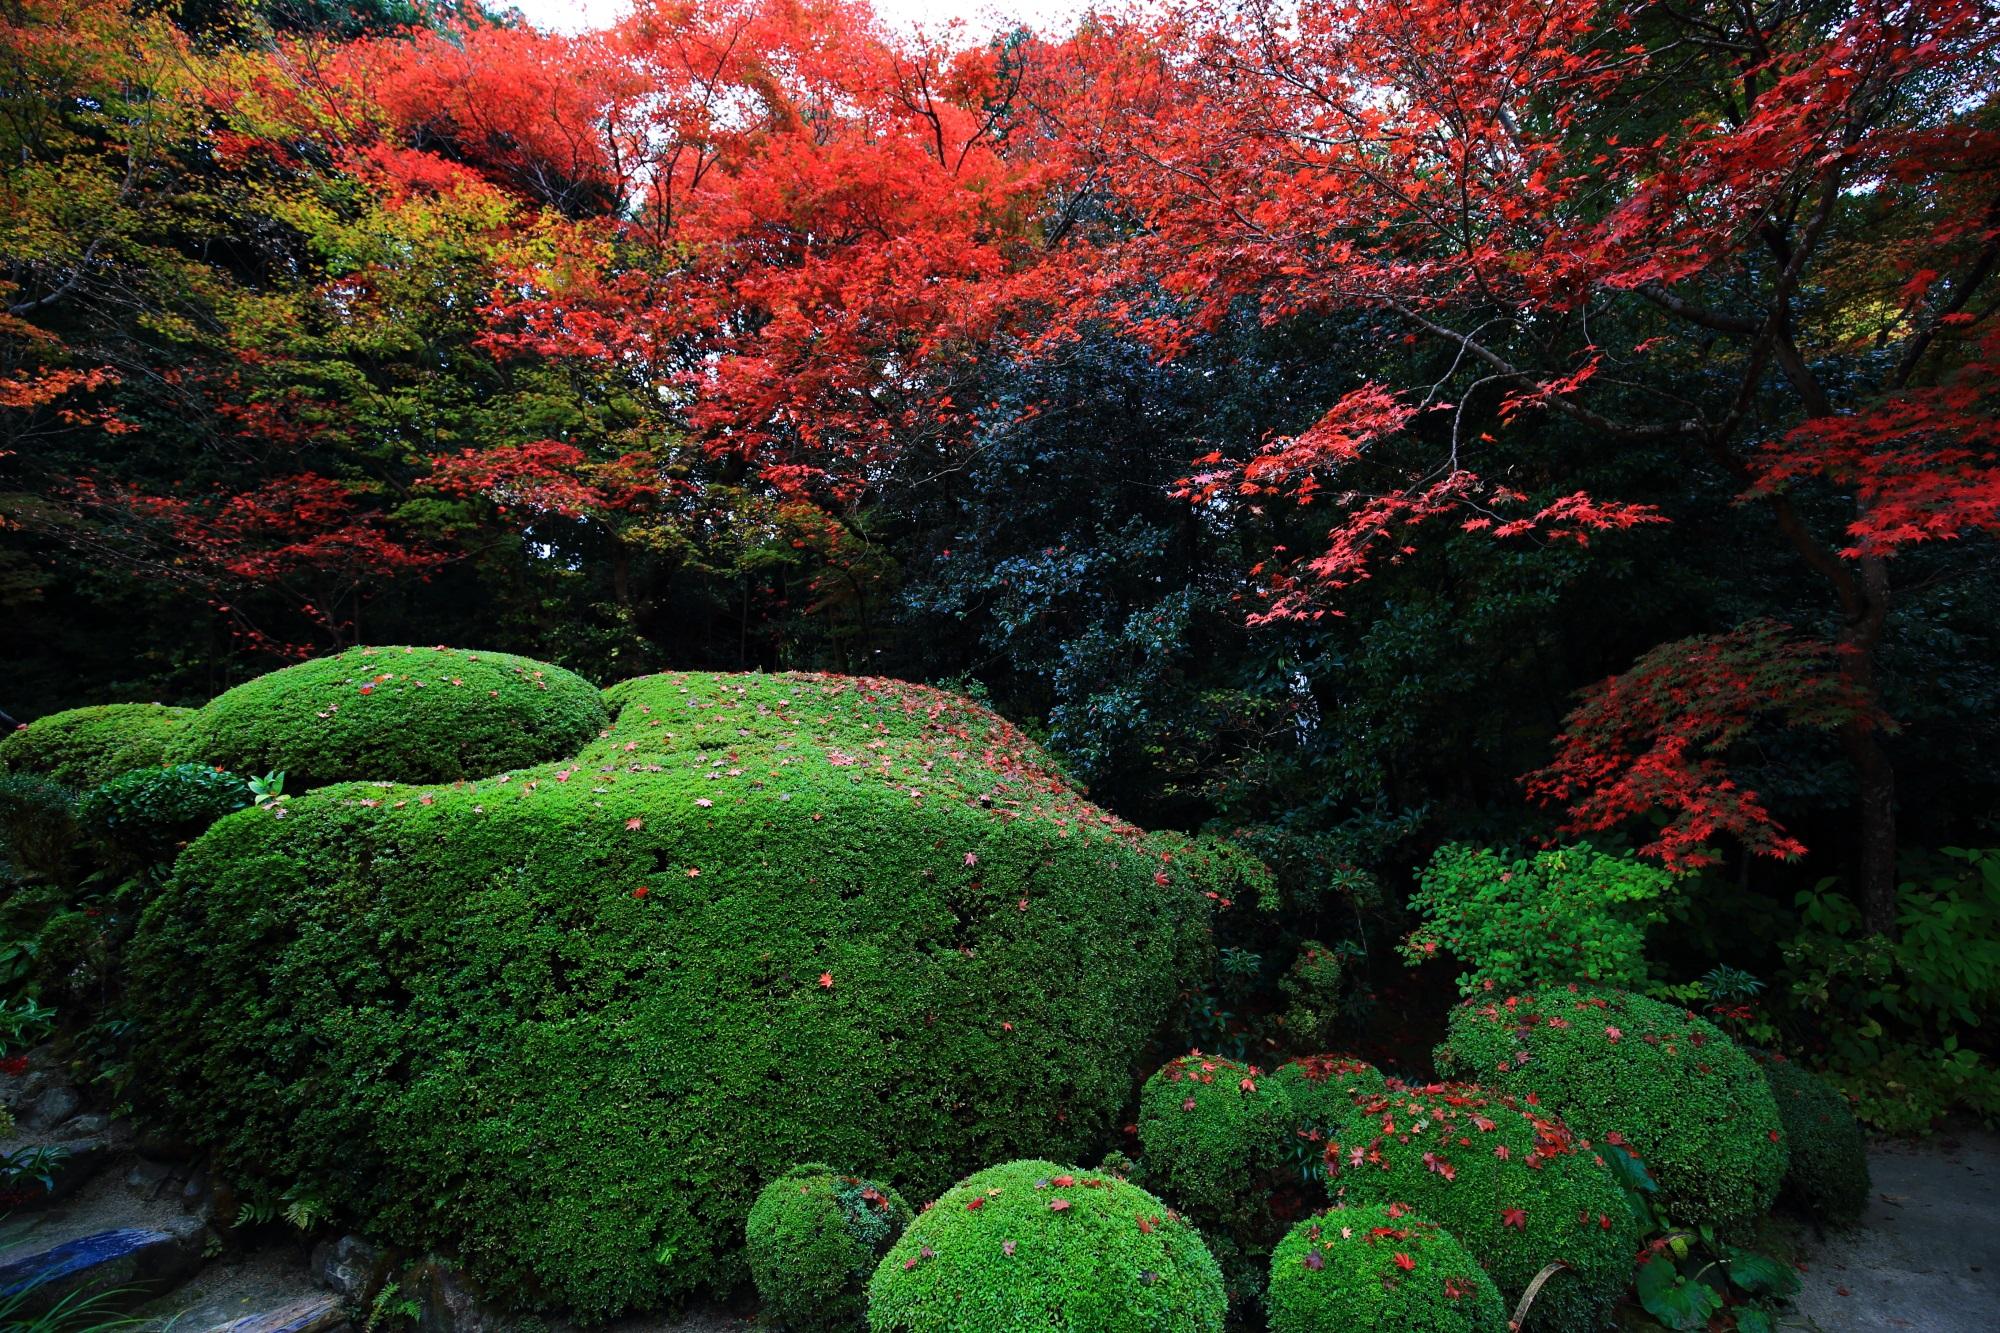 名刹の詩仙堂の風情ある紅葉